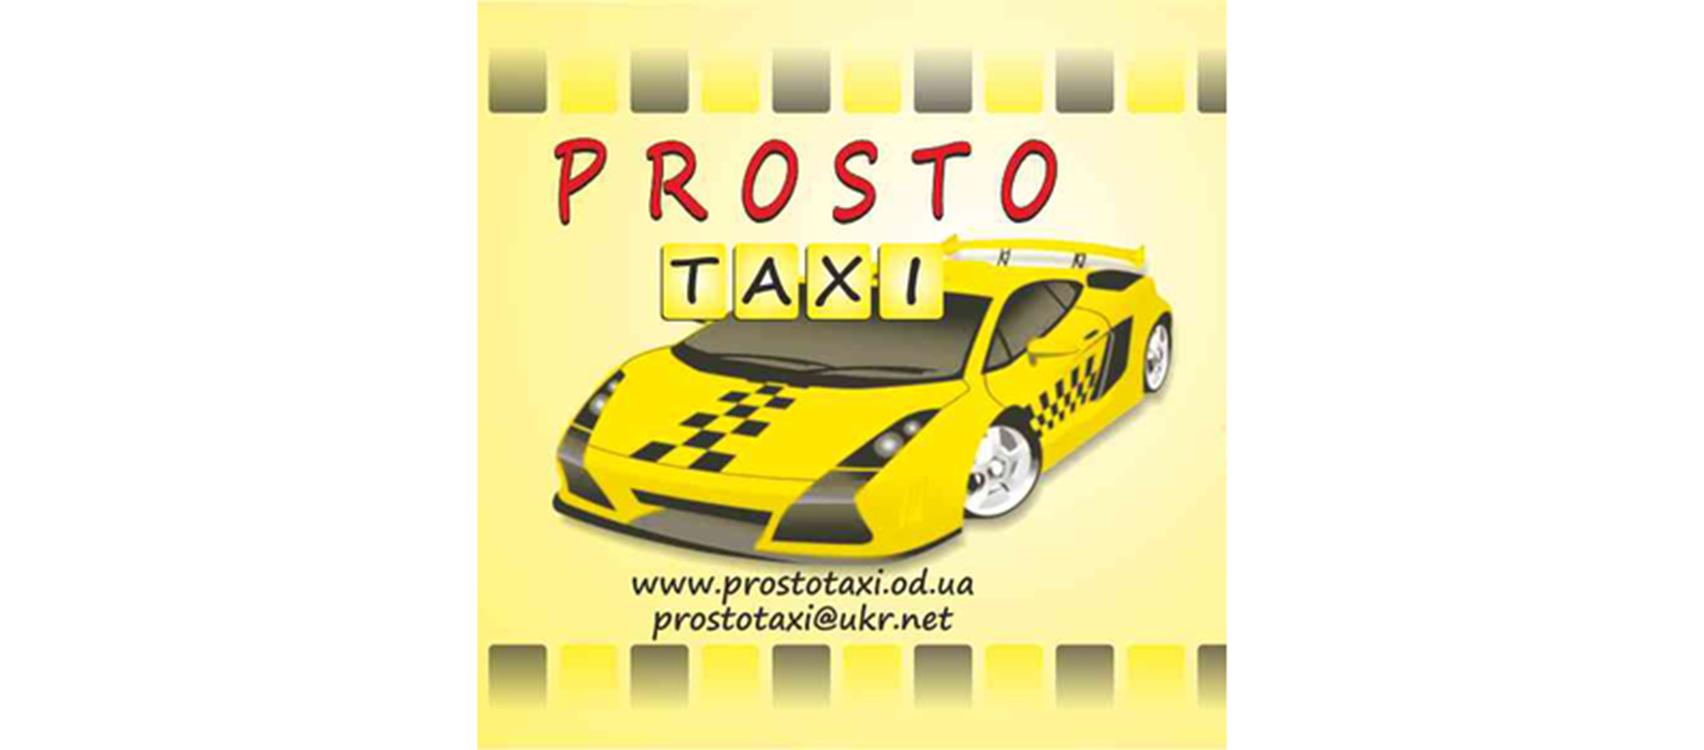 Таксі Prosto  (Одеса)